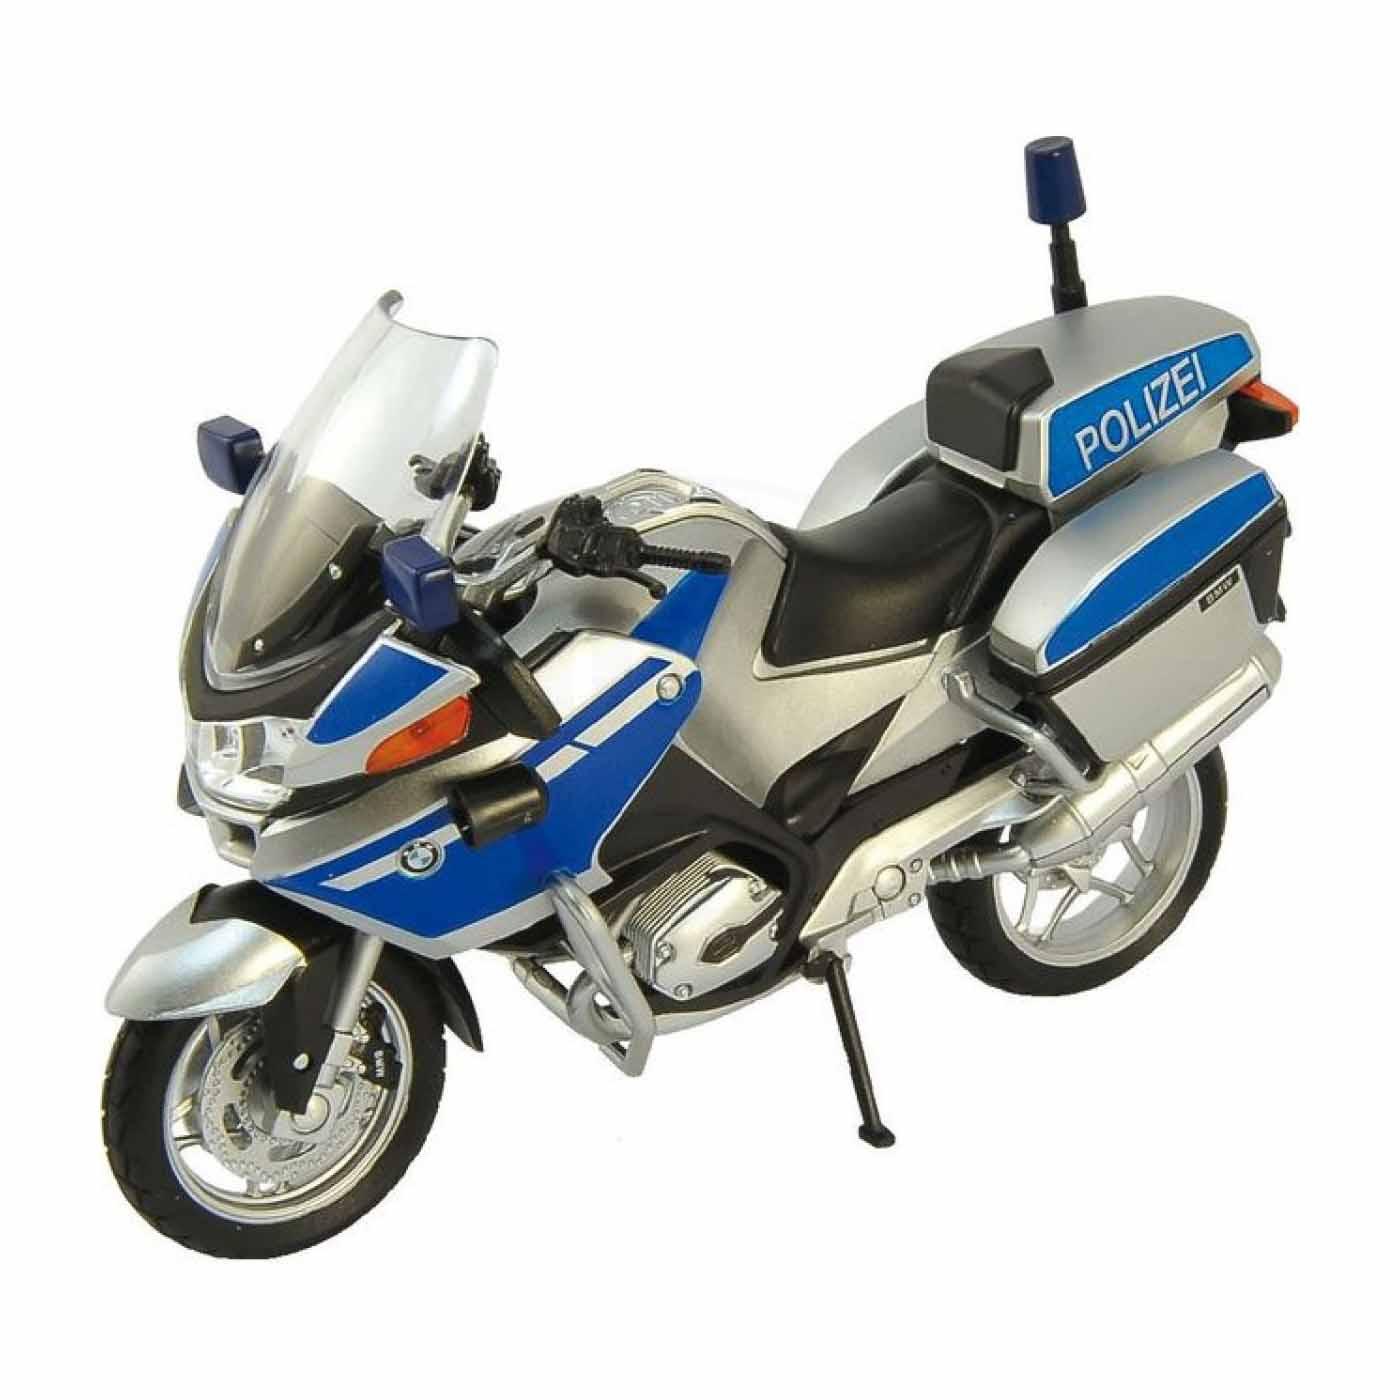 Игрушечная модель мотоцикла - BMW R1200RT, полиция, 1:18Мотоциклы<br>Игрушечная модель мотоцикла - BMW R1200RT, полиция, 1:18<br>